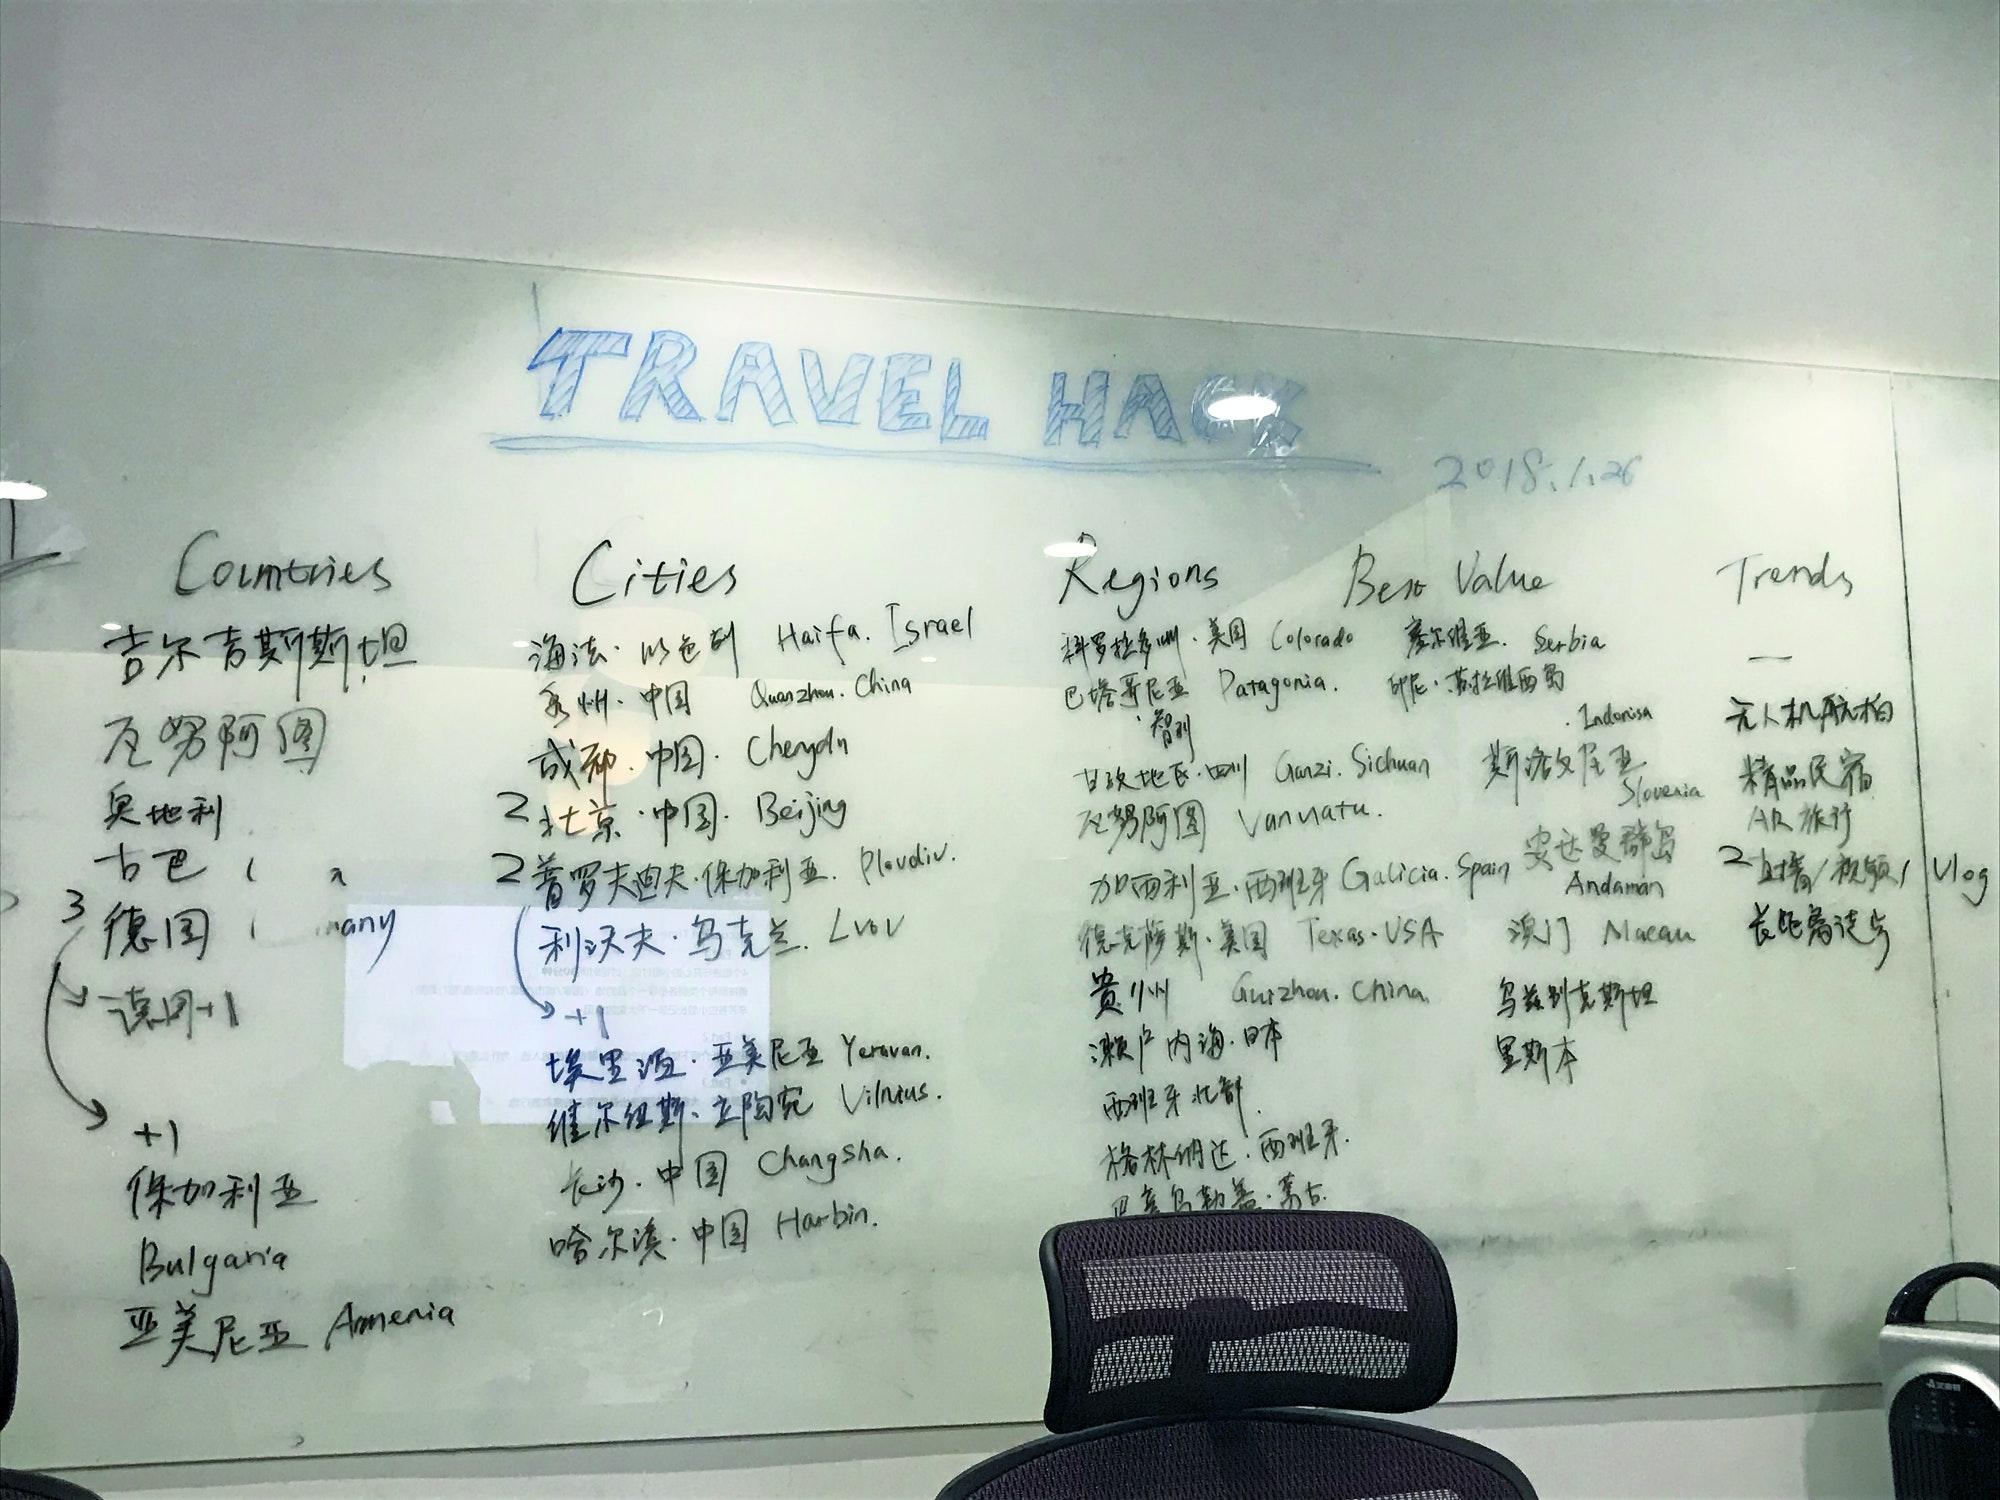 A Best in Travel ideas board in Běijīng © Lonely Planet